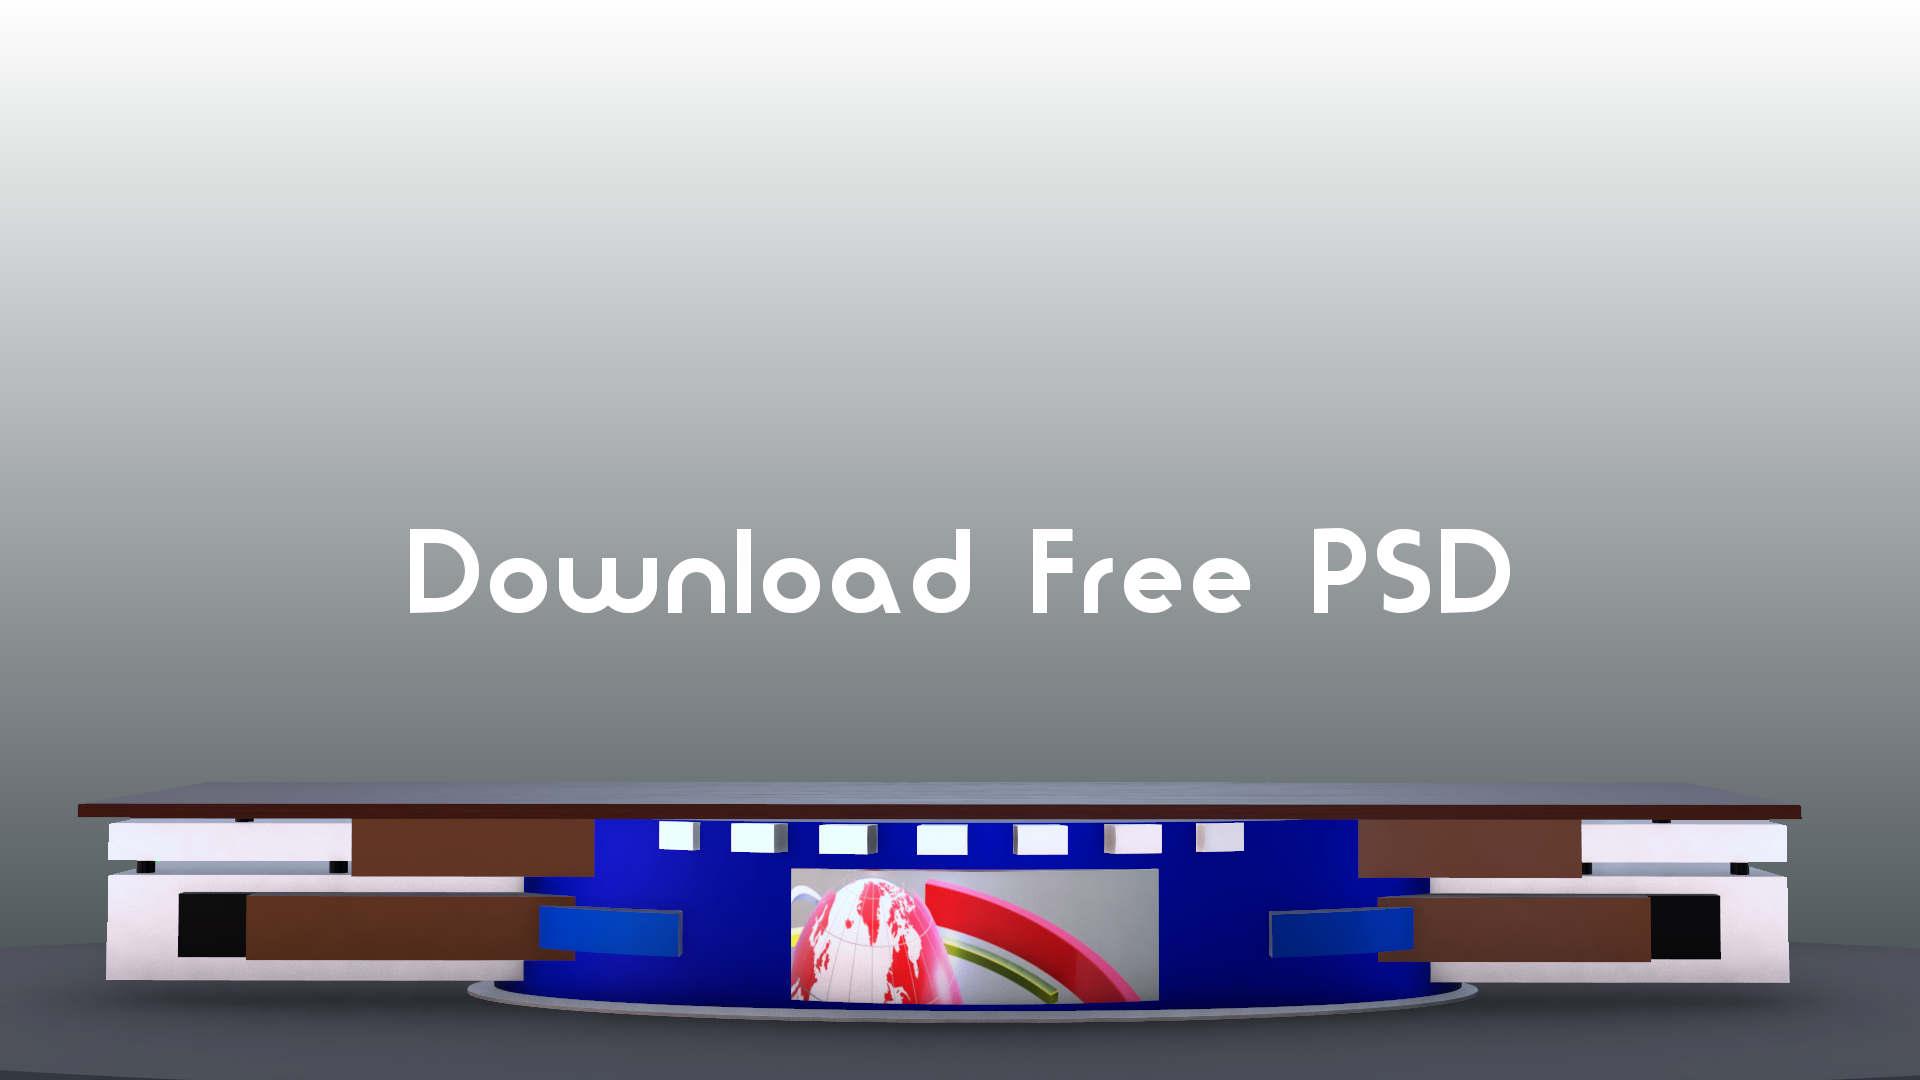 News Studio PSD Templates Photoshop Studio Templates | MTC TUTORIALS